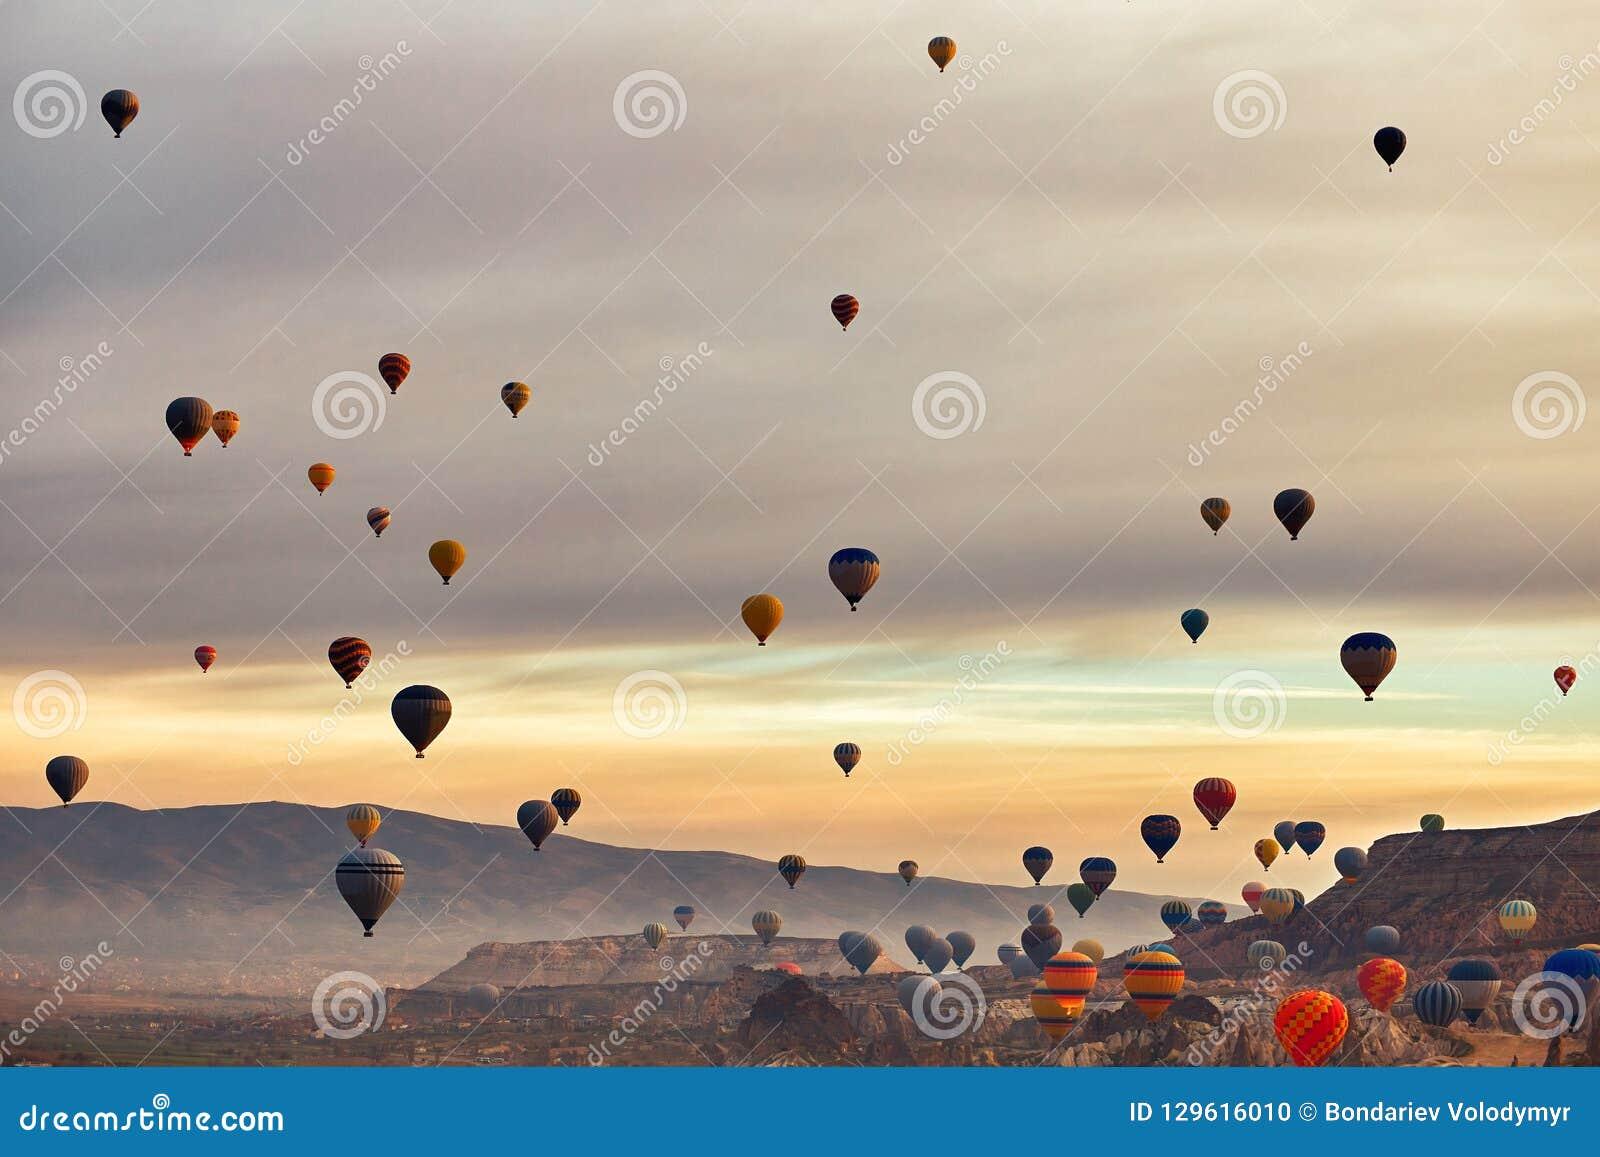 Paisaje de la montaña con los globos grandes en una estación de verano corta